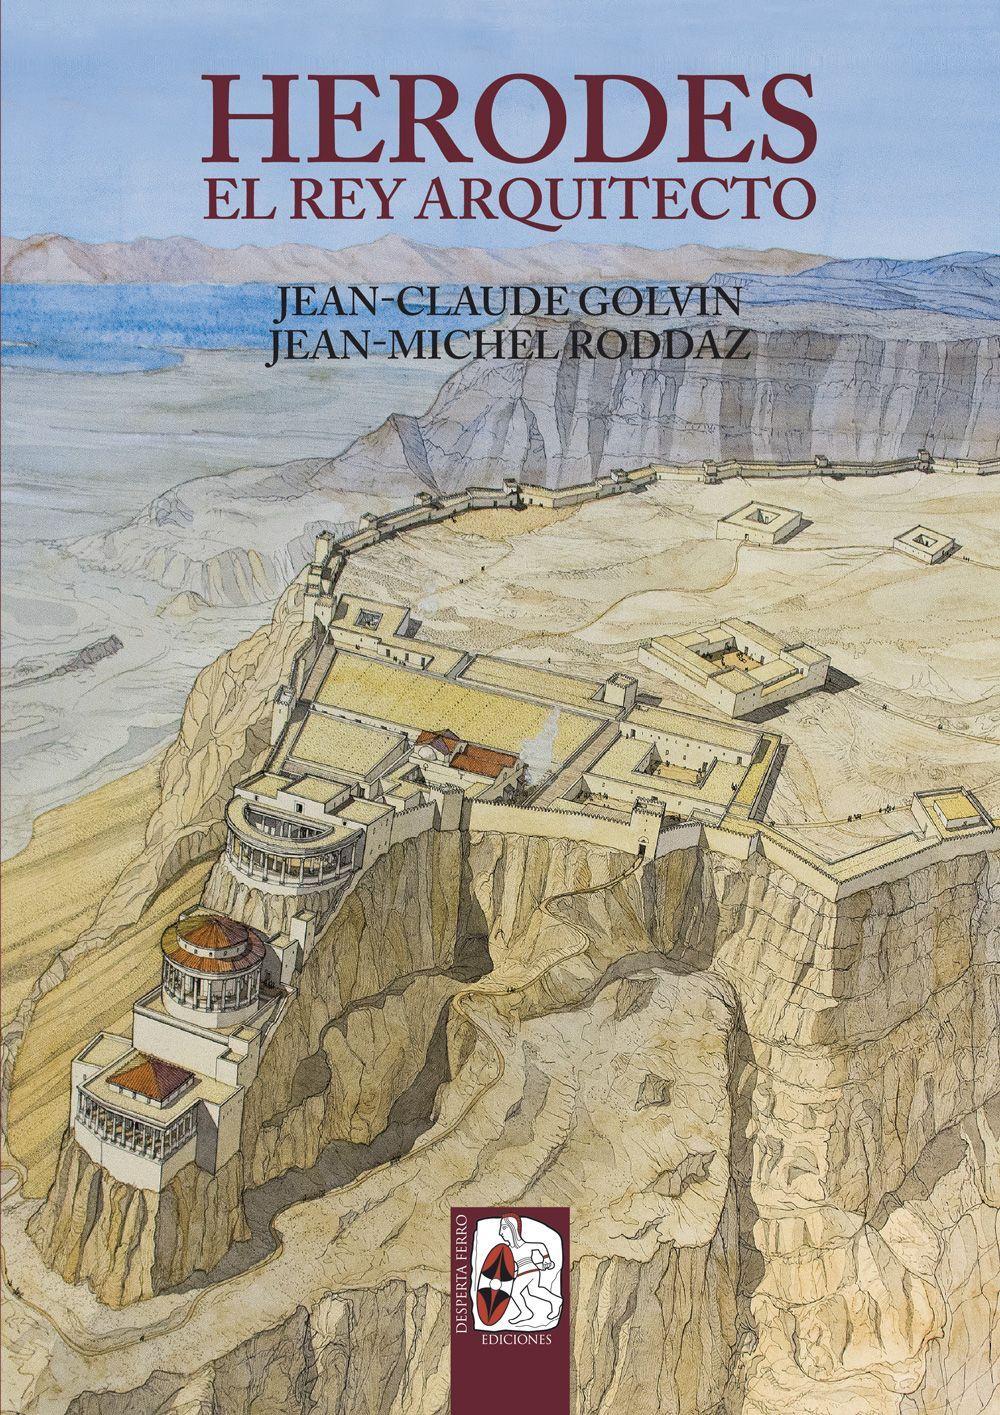 Herodes. El rey arquitecto de Jean-Claude Golvin